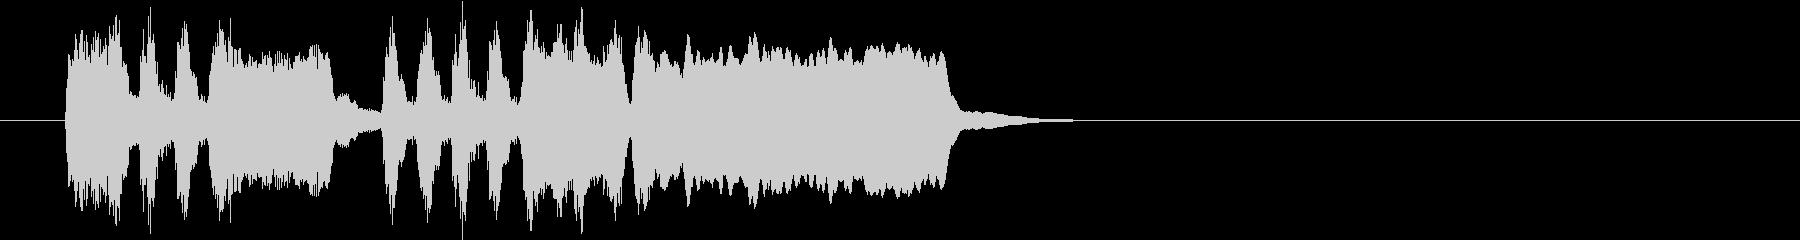 Tpファンファーレ 華やかめ遅めの未再生の波形